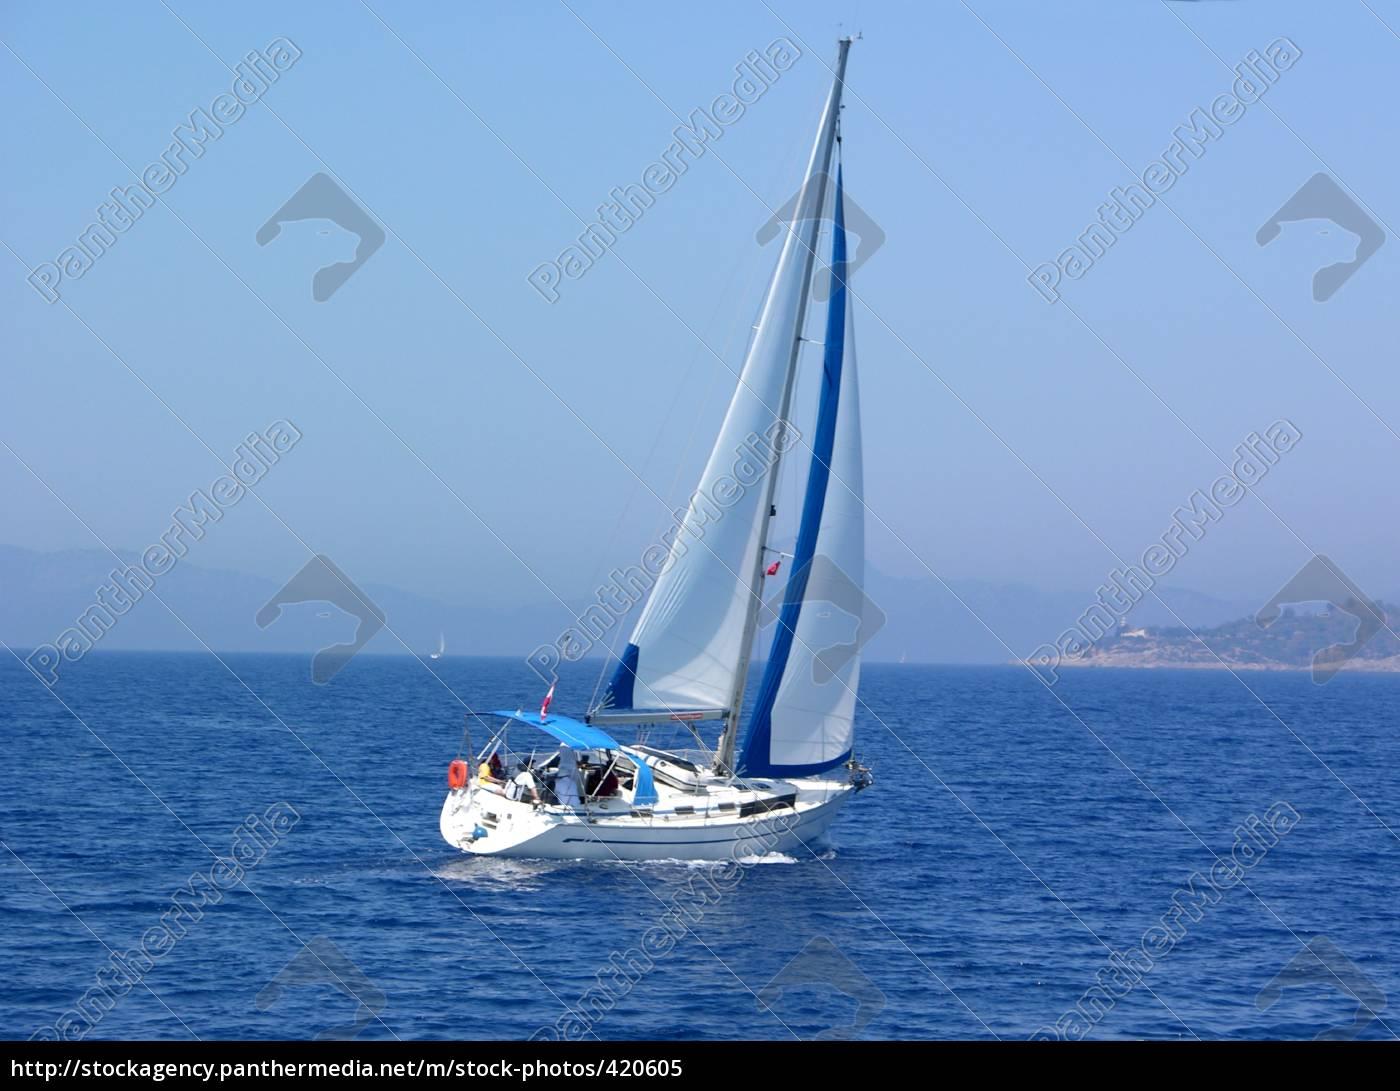 sailboat, at, fethiye - 420605